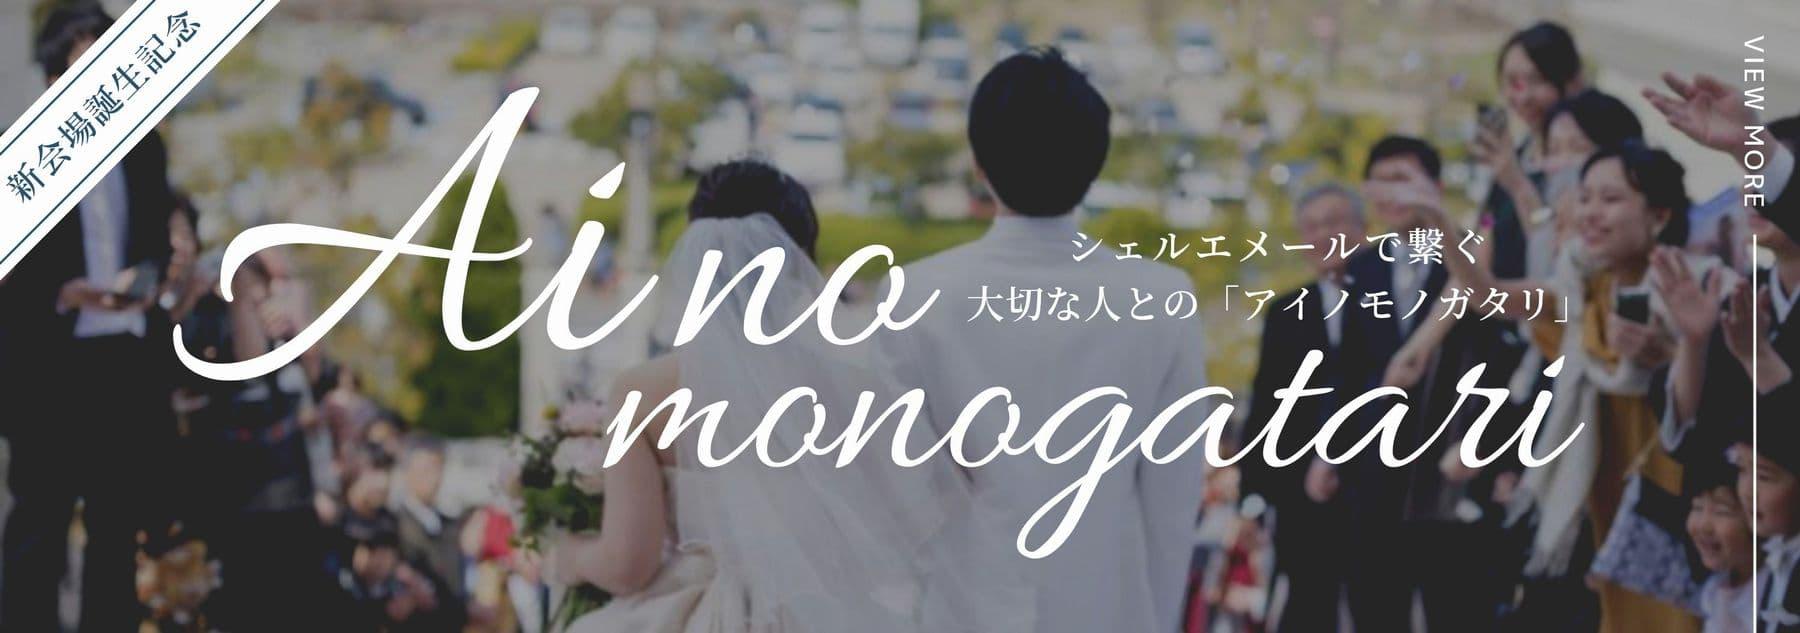 香川県の結婚式場シェルエメール&アイスタイルの新会場セティ誕生特別ページ